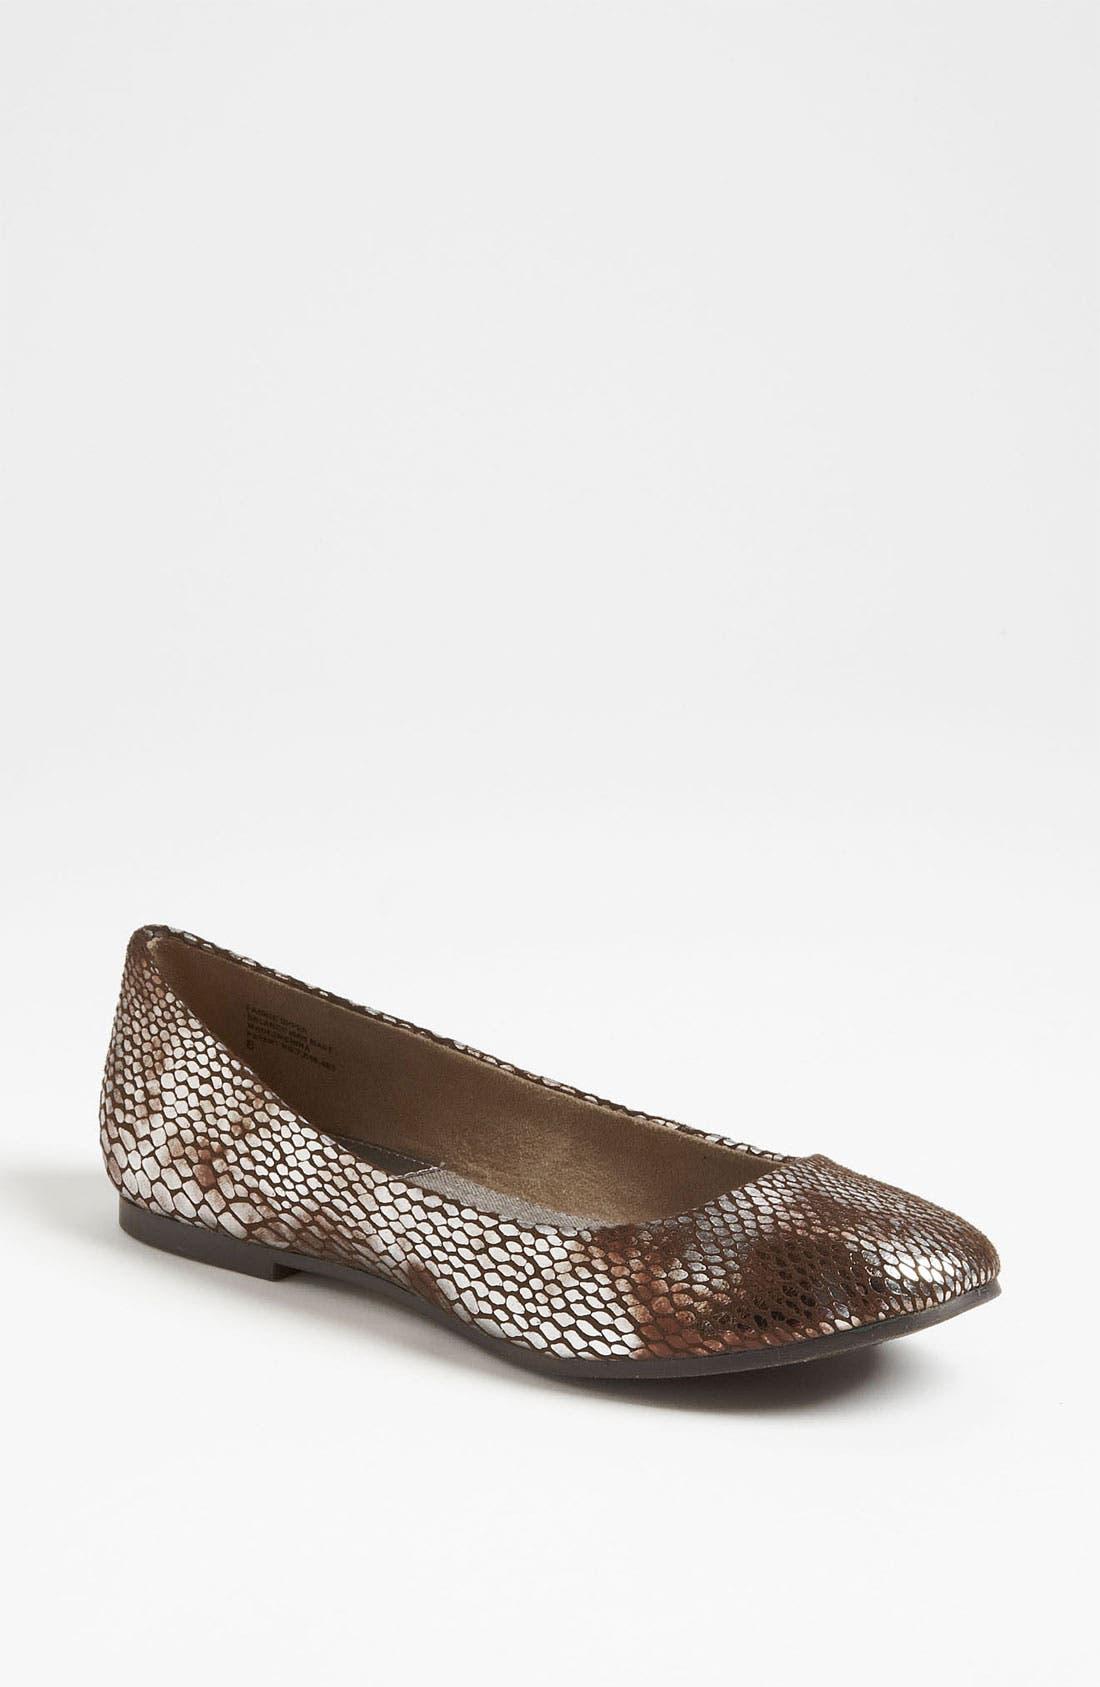 Main Image - BC Footwear 'Limousine' Metallic Flat